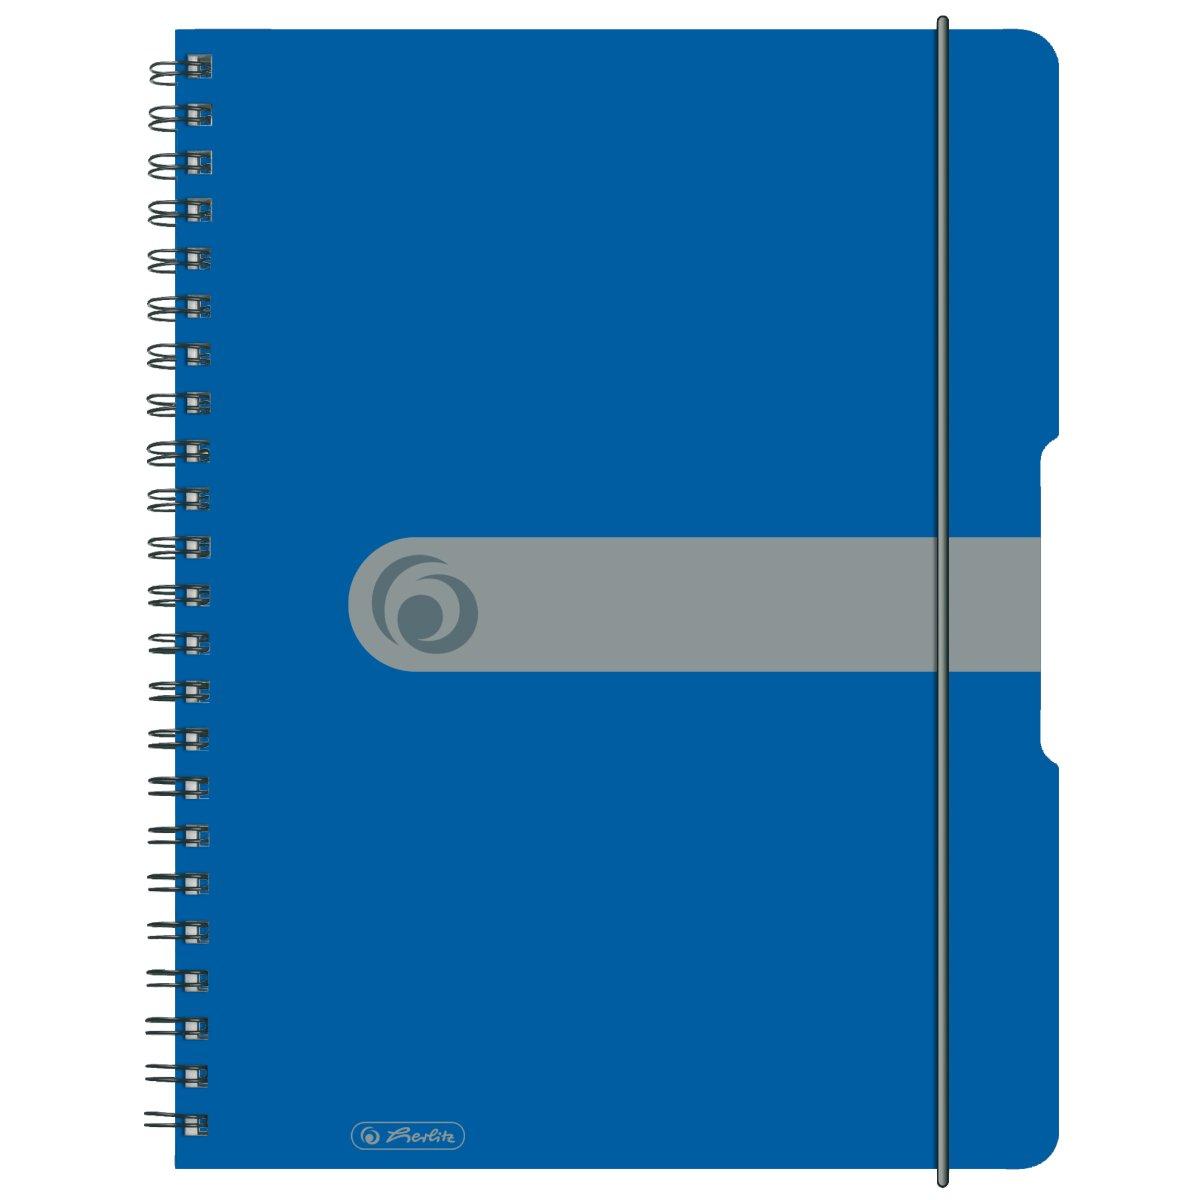 Herlitz 11293065 - Einfarbig - Blau - A4 - 80 Blätter - 80 g/m² - Erwachsener